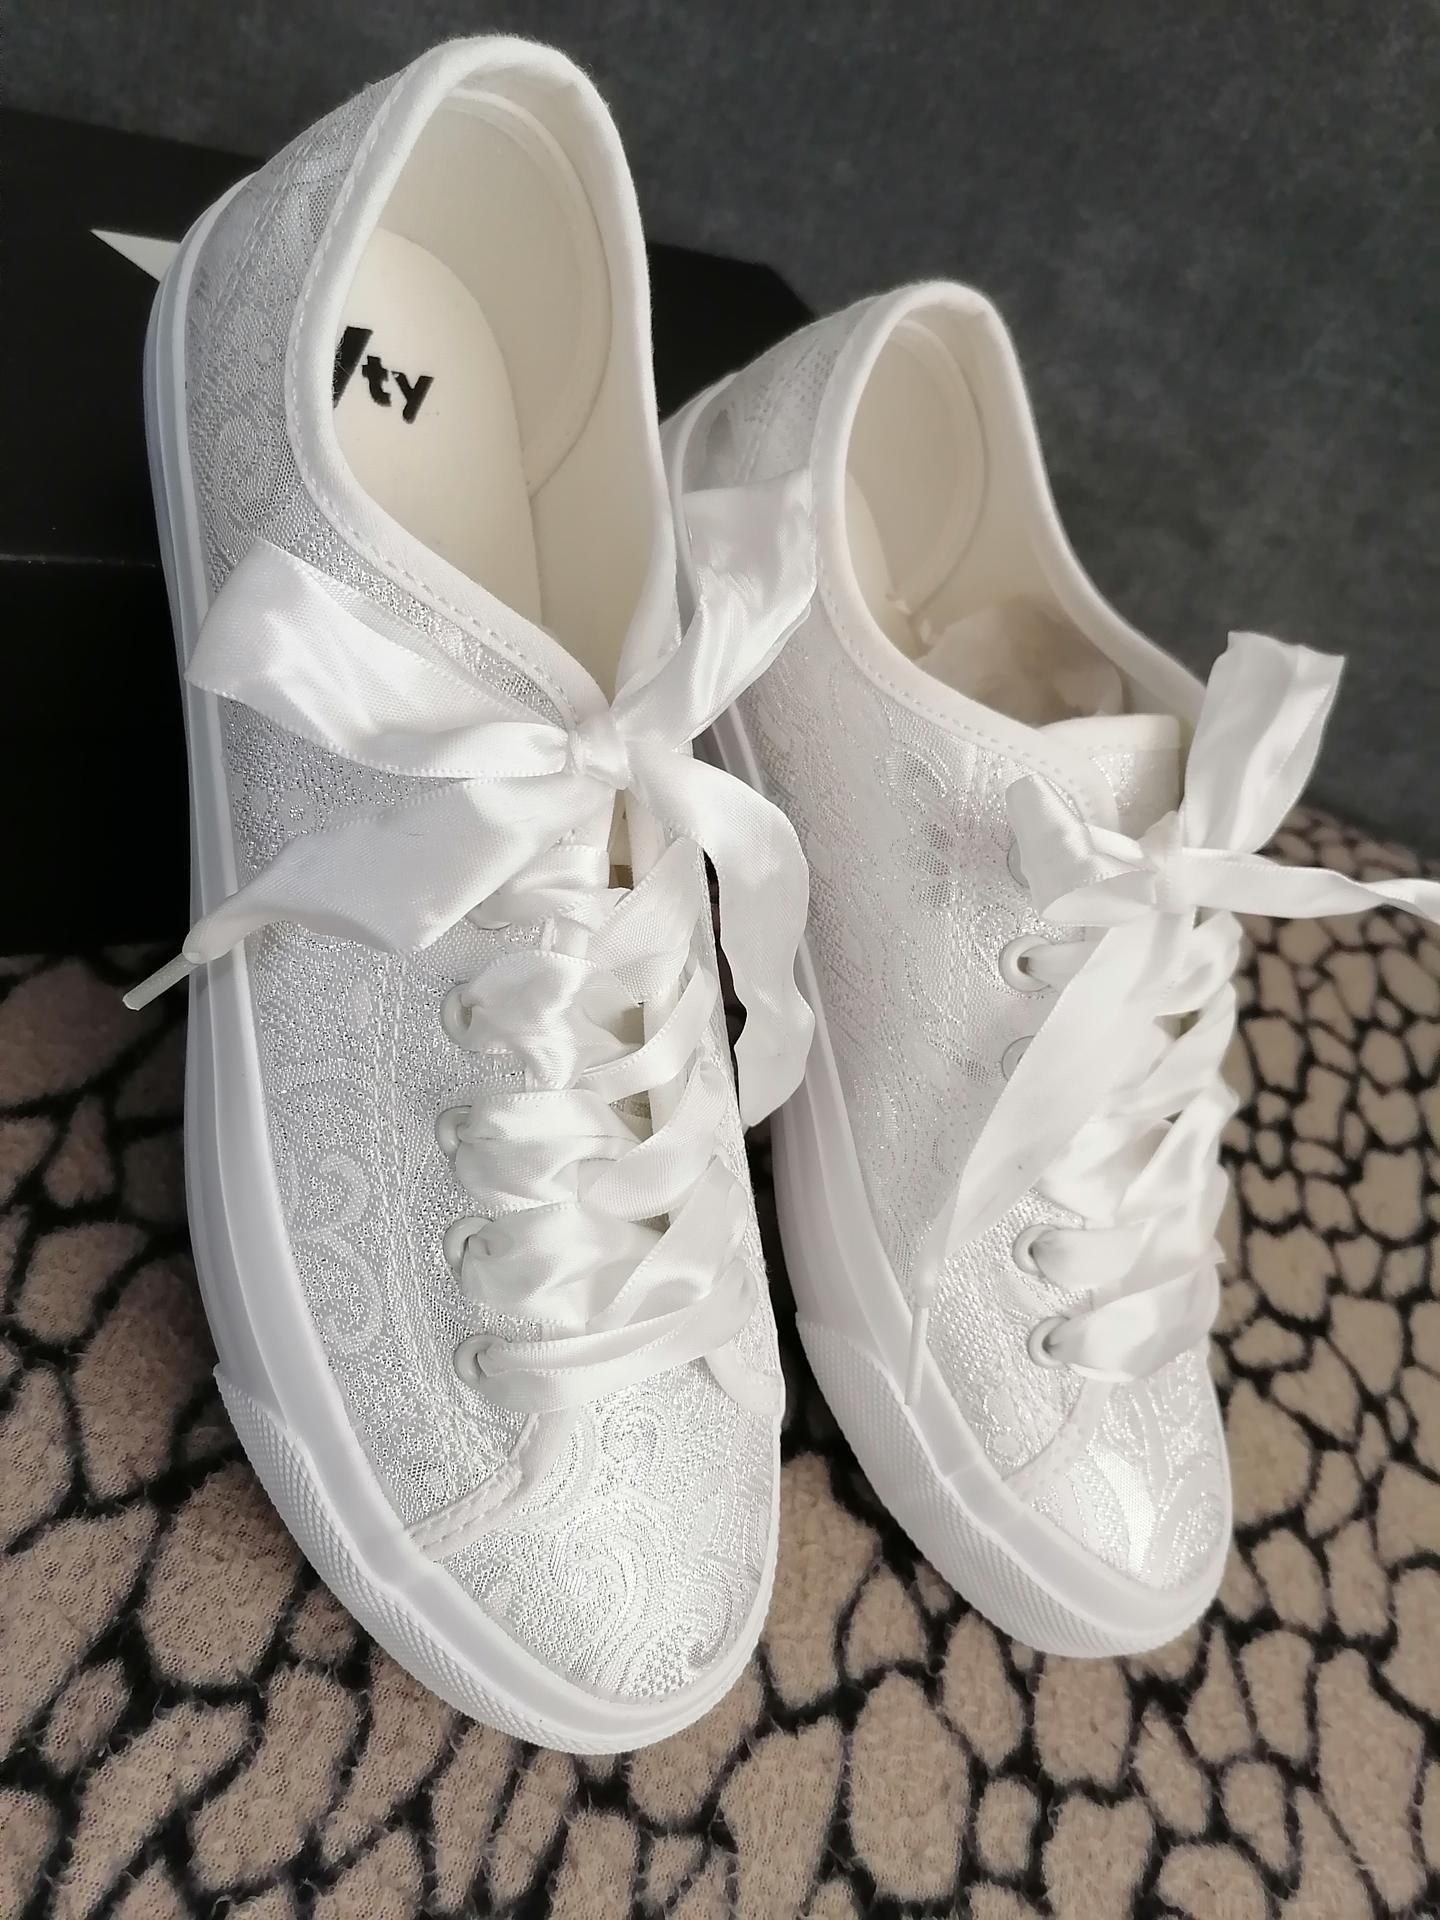 Když se budu vdávat po druhé tak jedině pohodlnou obuv 😉 - Obrázek č. 2